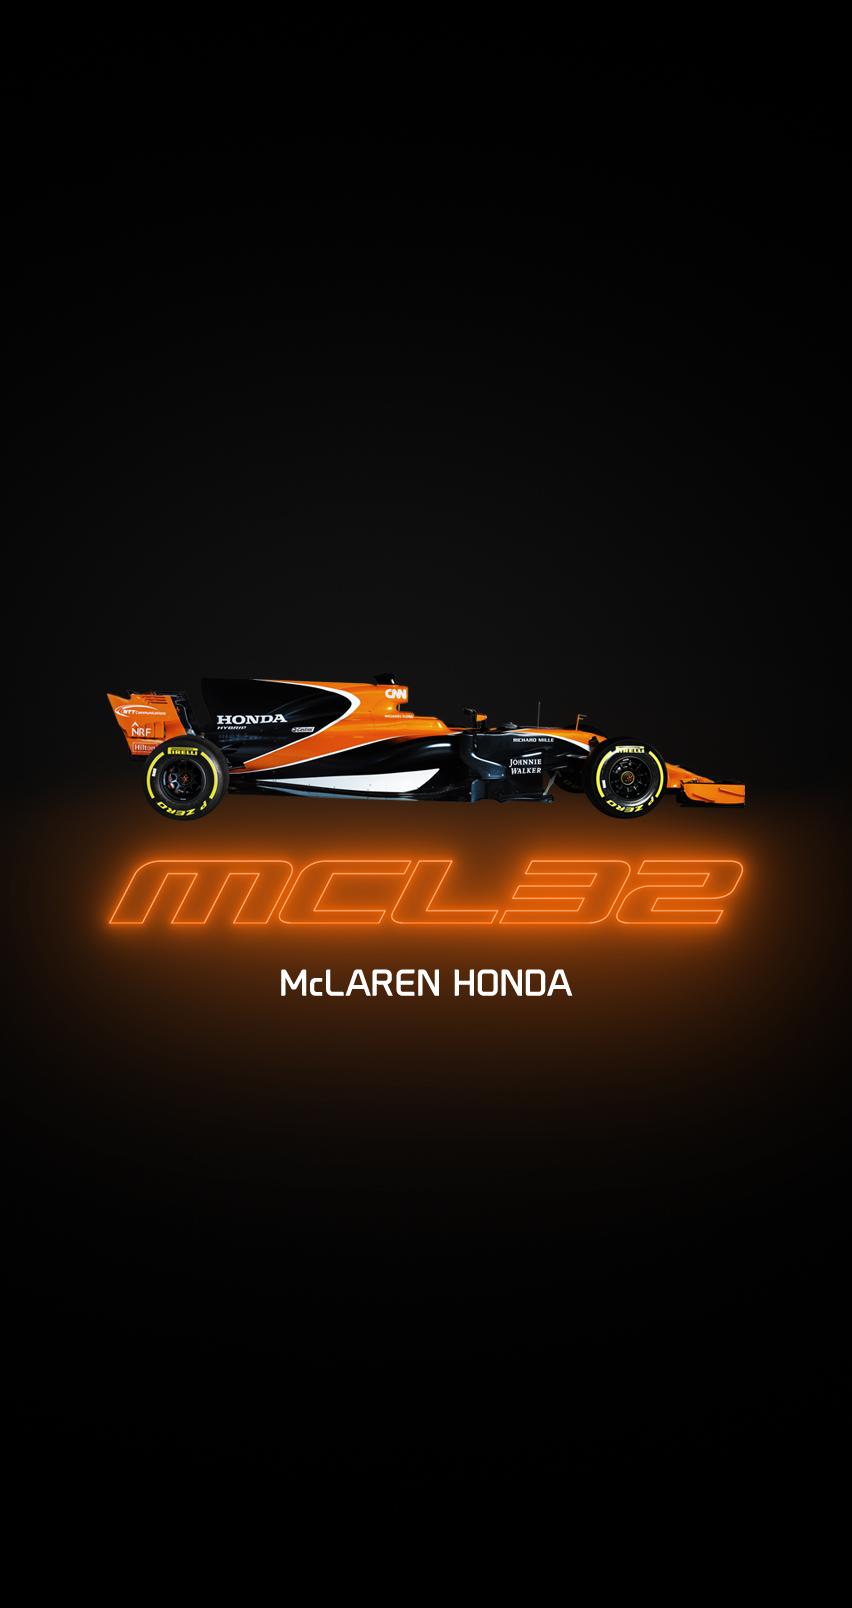 mclaren formula 1 � official website